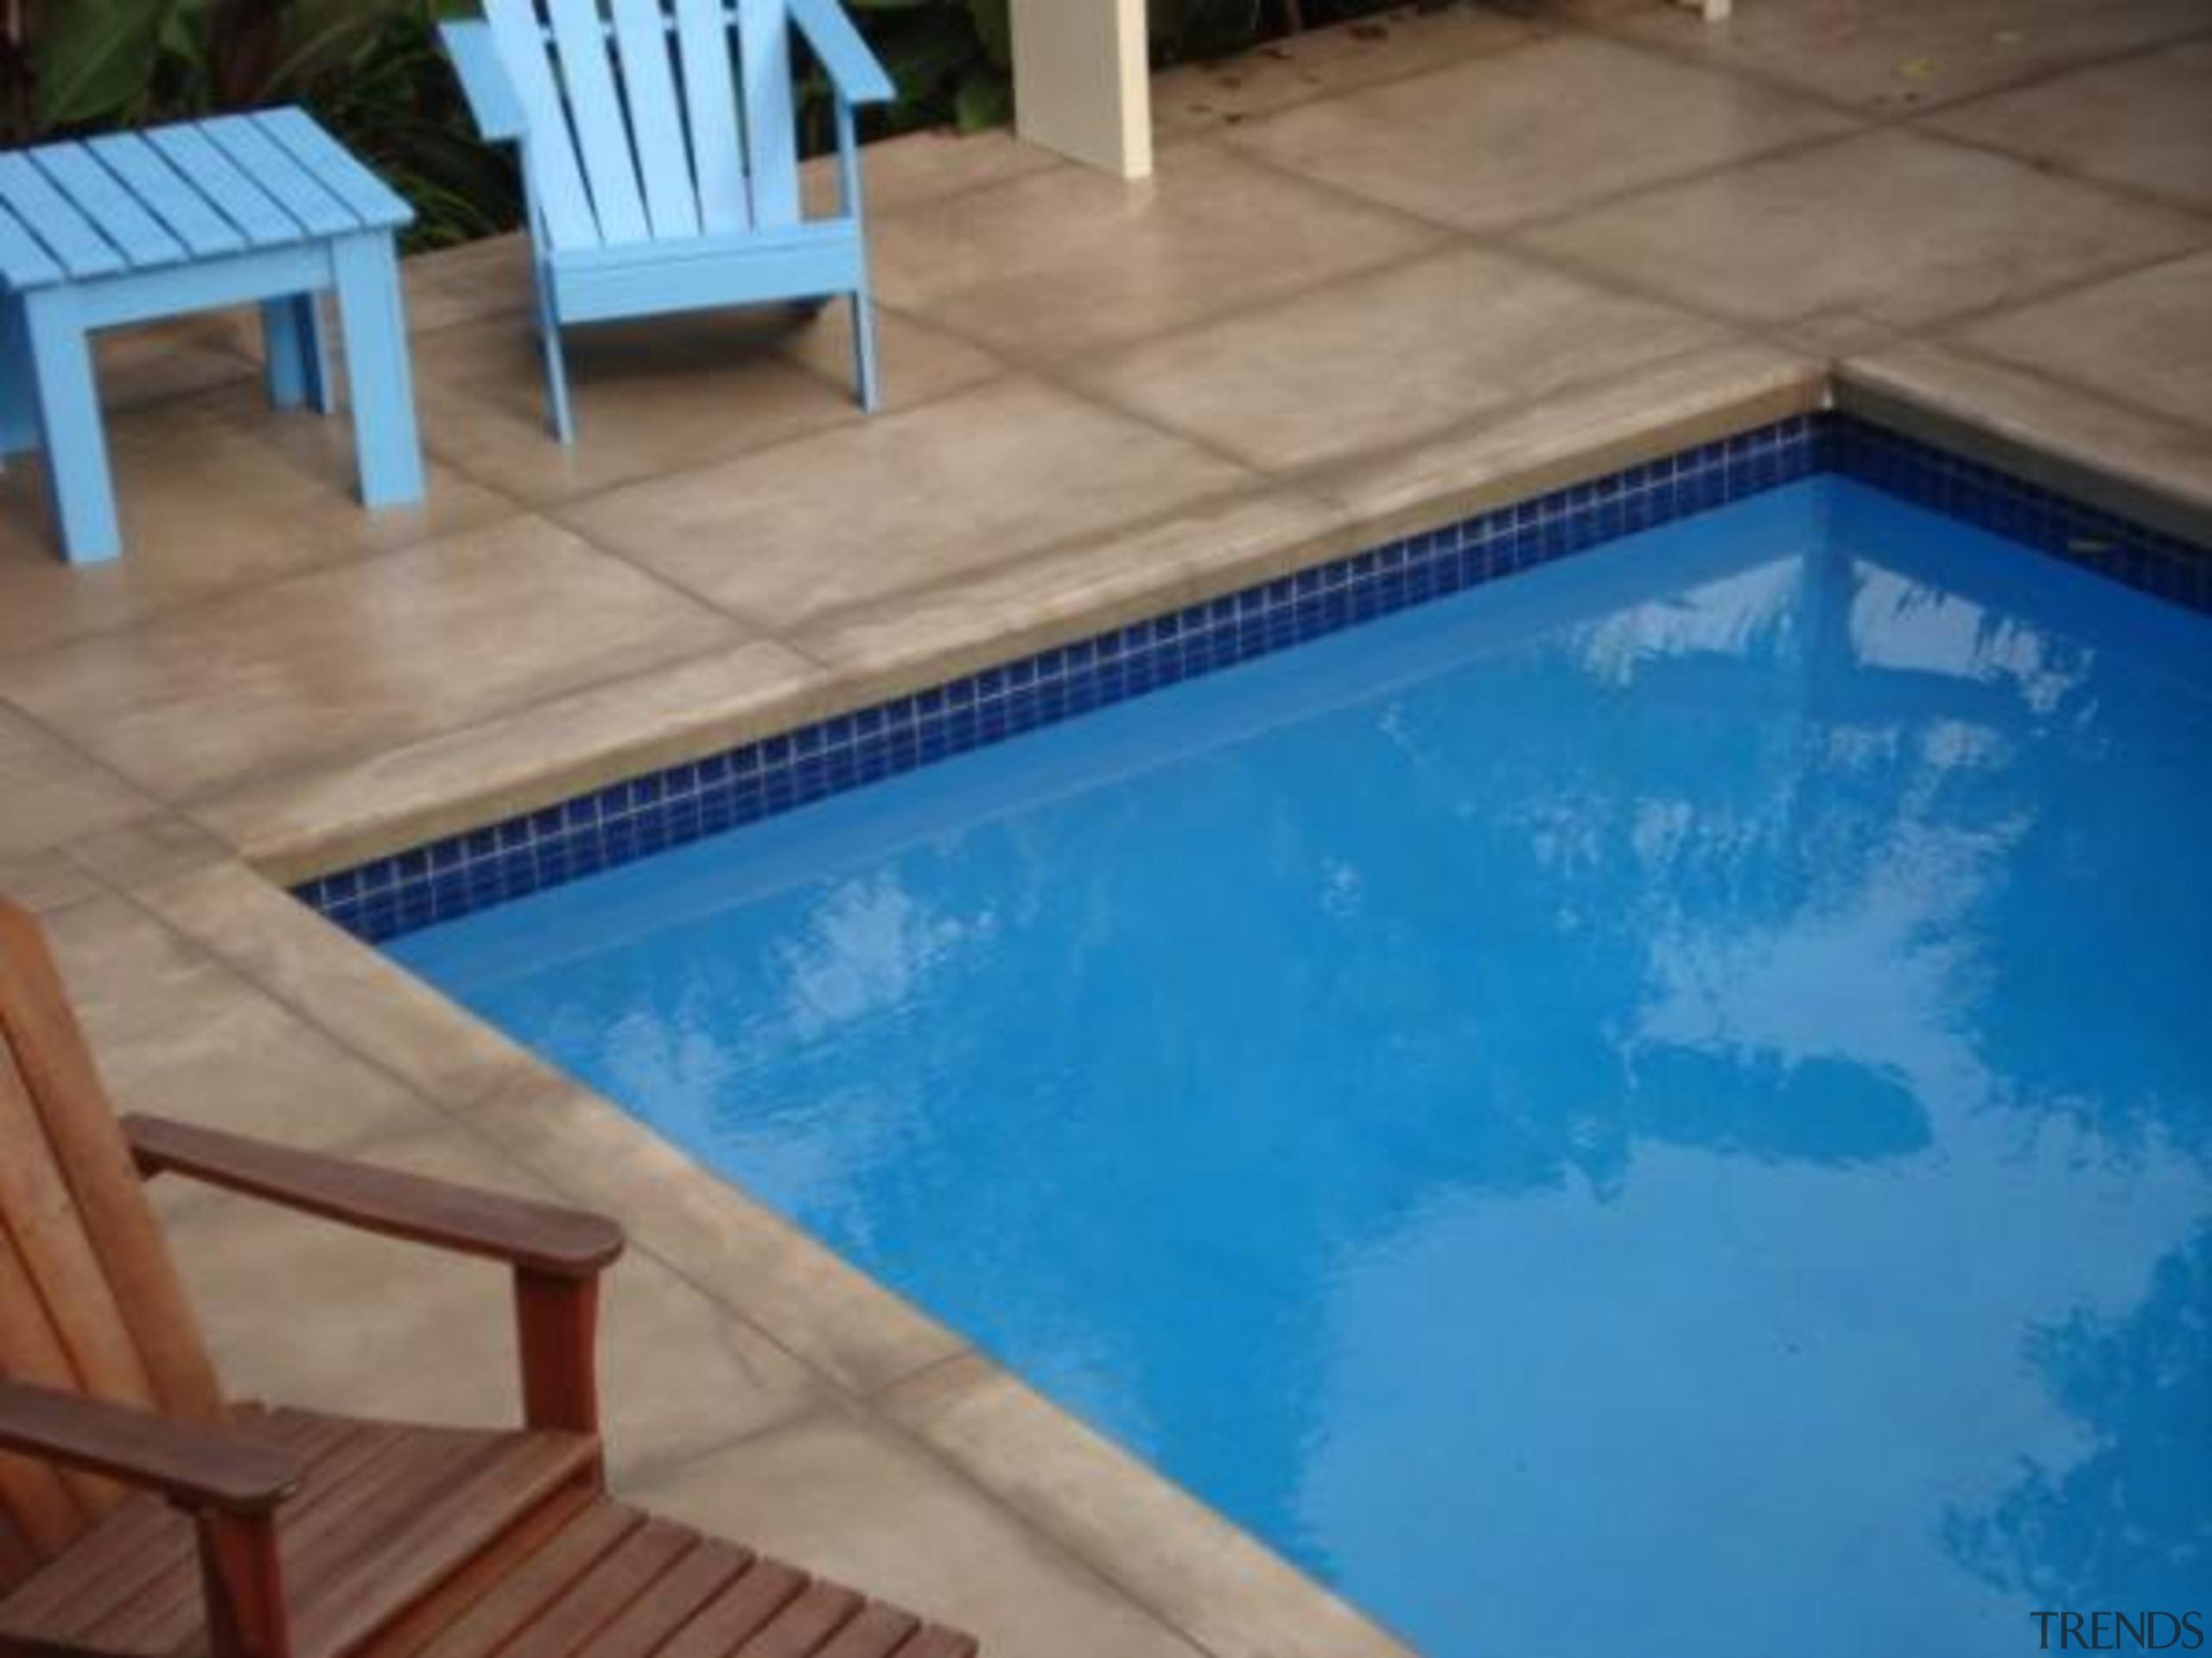 pol0078web.jpg - pol0078web.jpg - floor | flooring | floor, flooring, leisure, property, swimming pool, water, wood, brown, teal